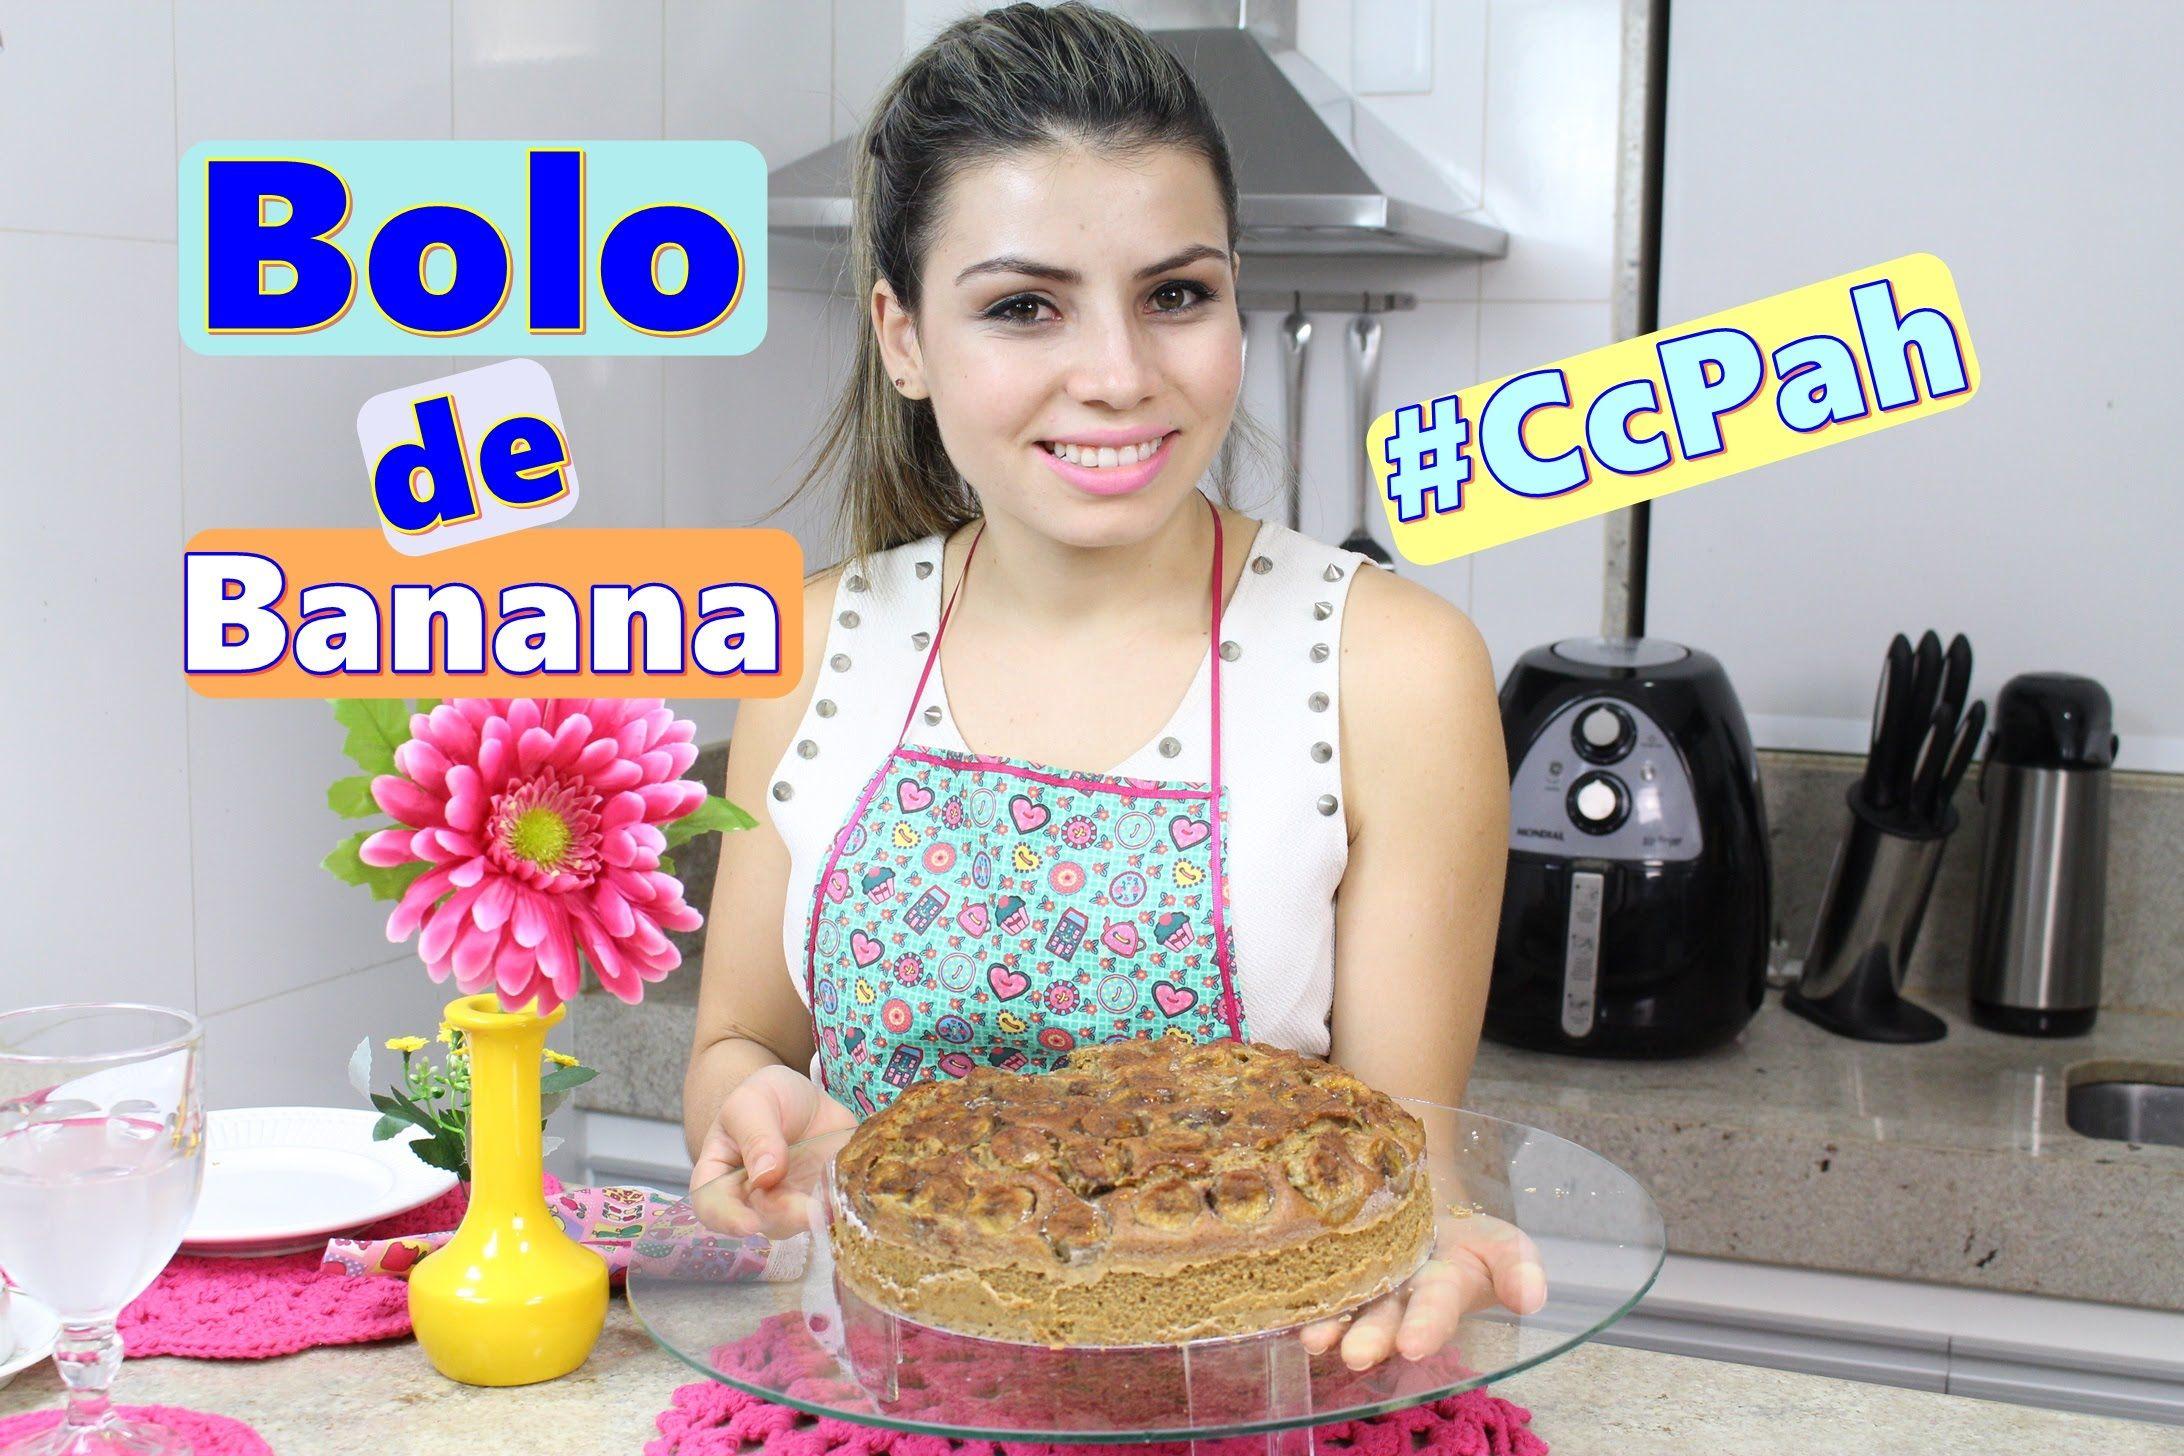 Bolo de Banana Integral | #CcPah #7ºTemp | Paloma Soares